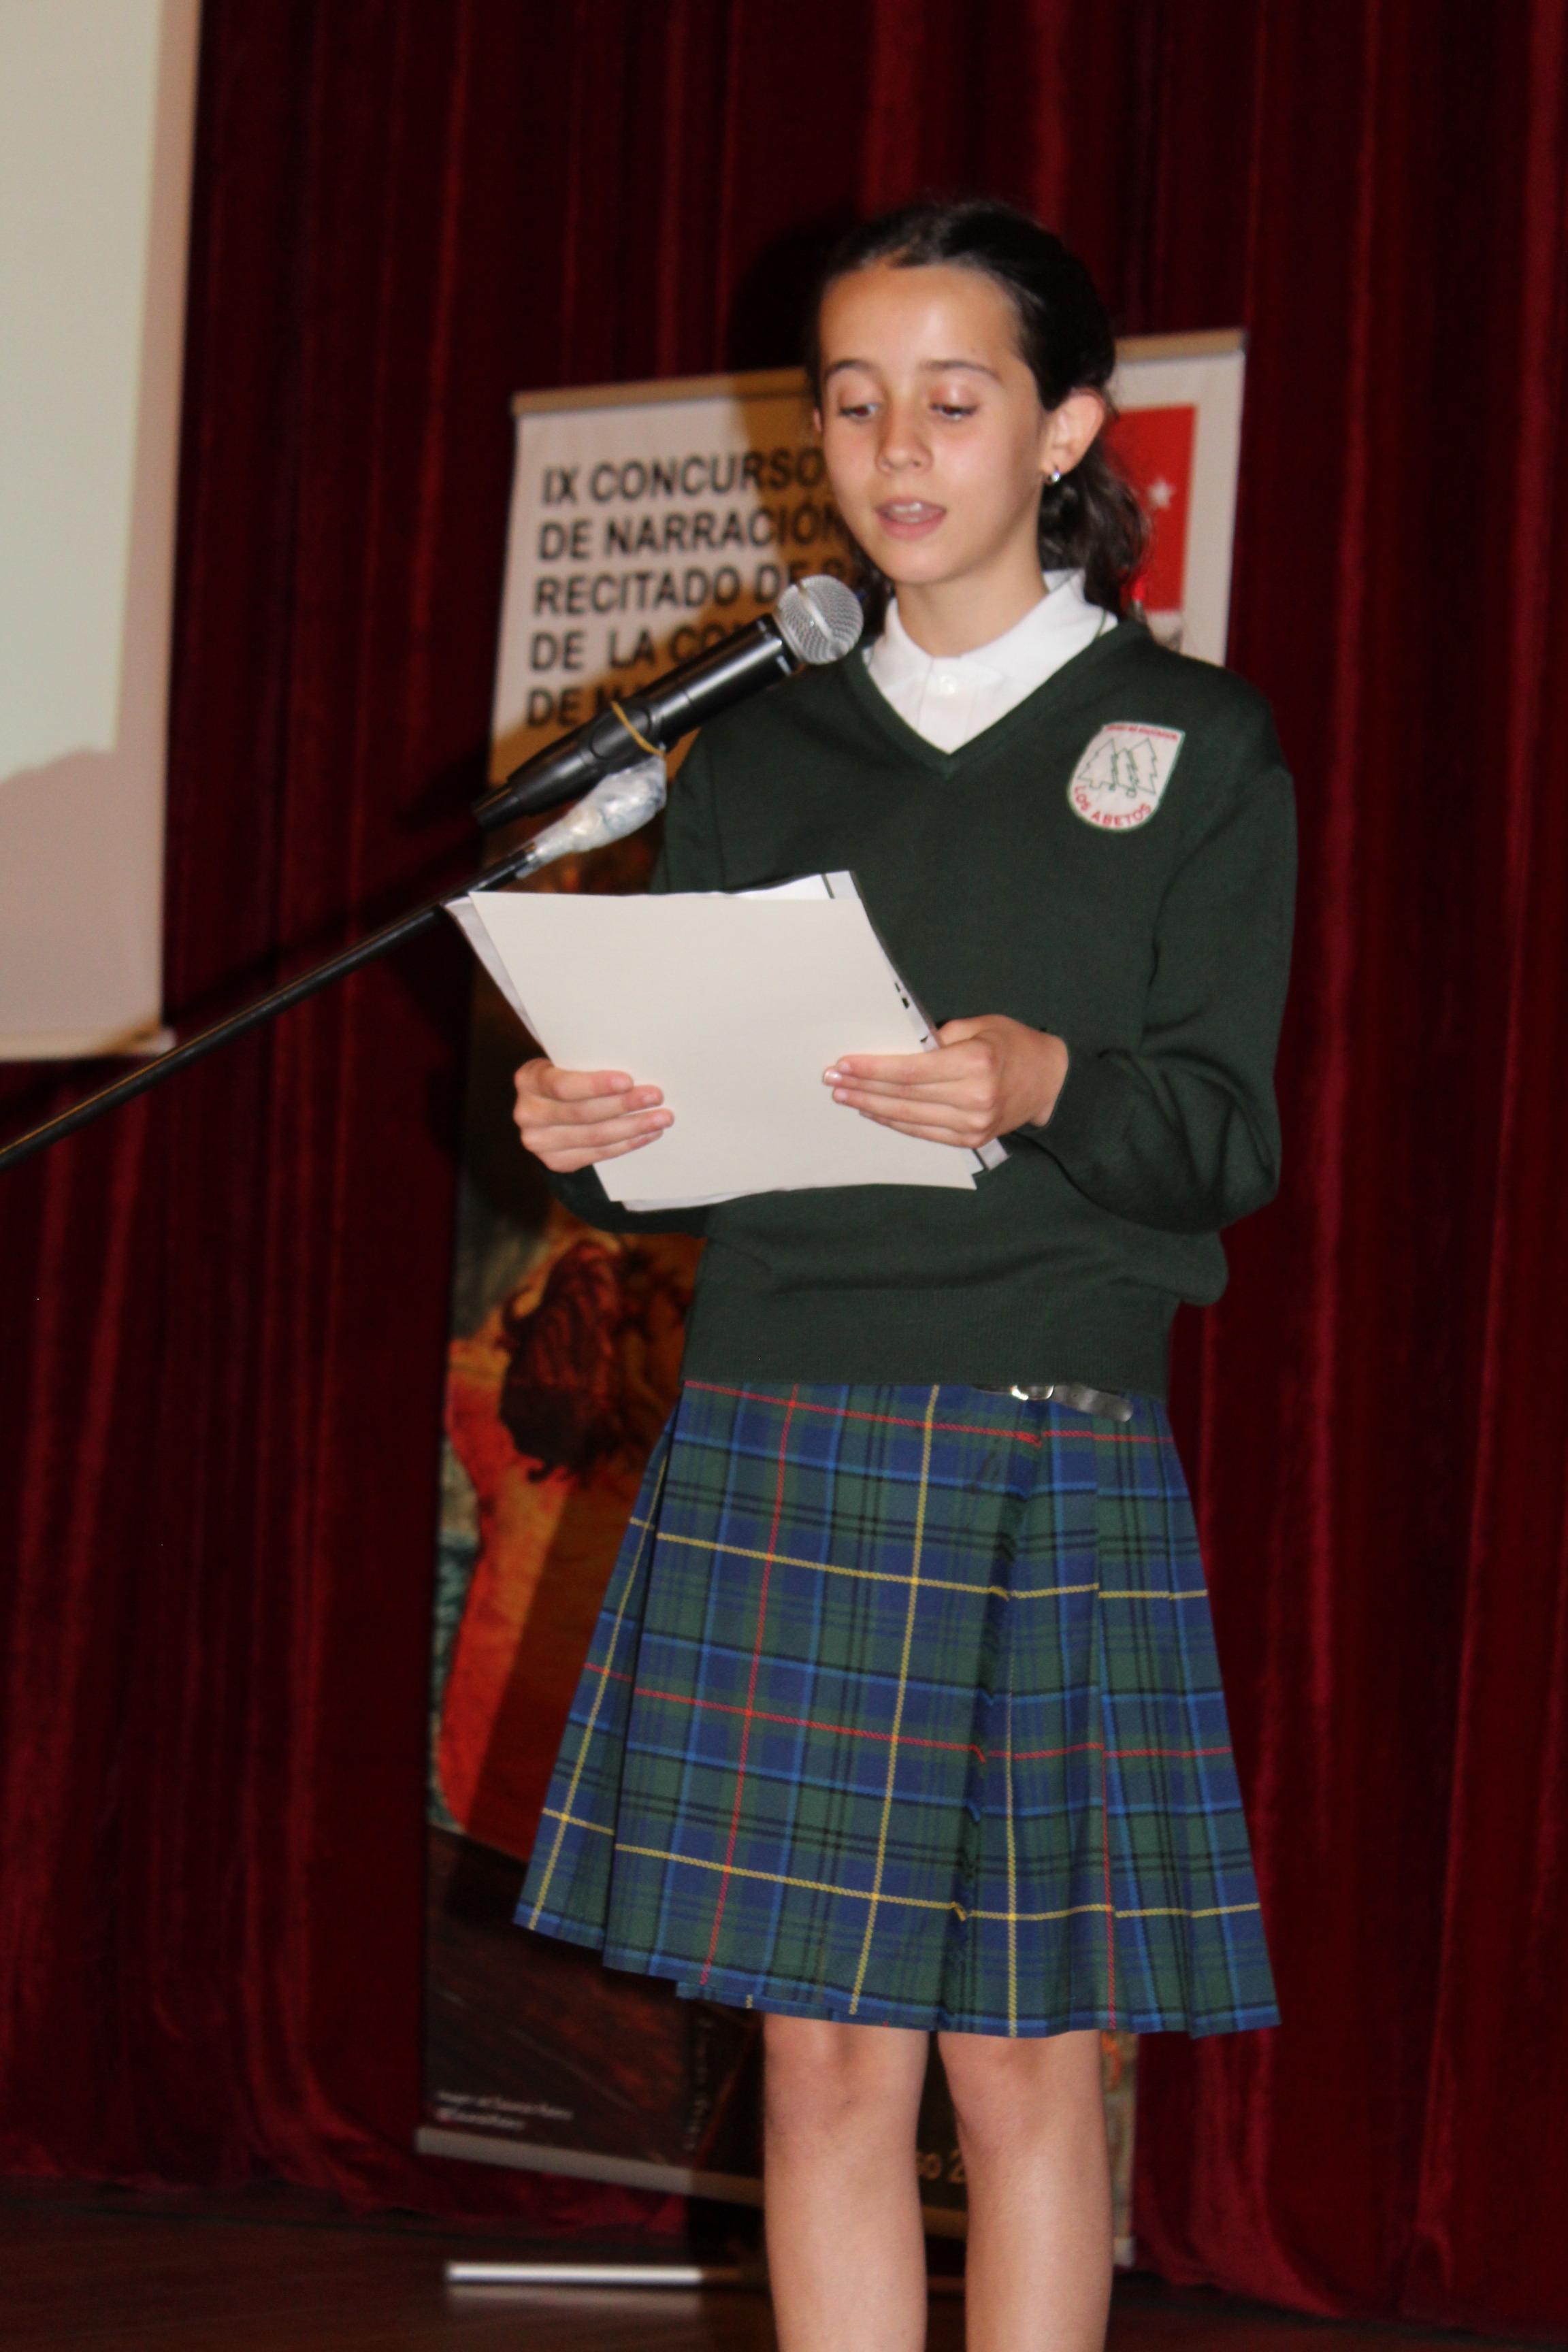 Entrega de los premios del IX Concurso de Narración y Recitado de Poesía 16